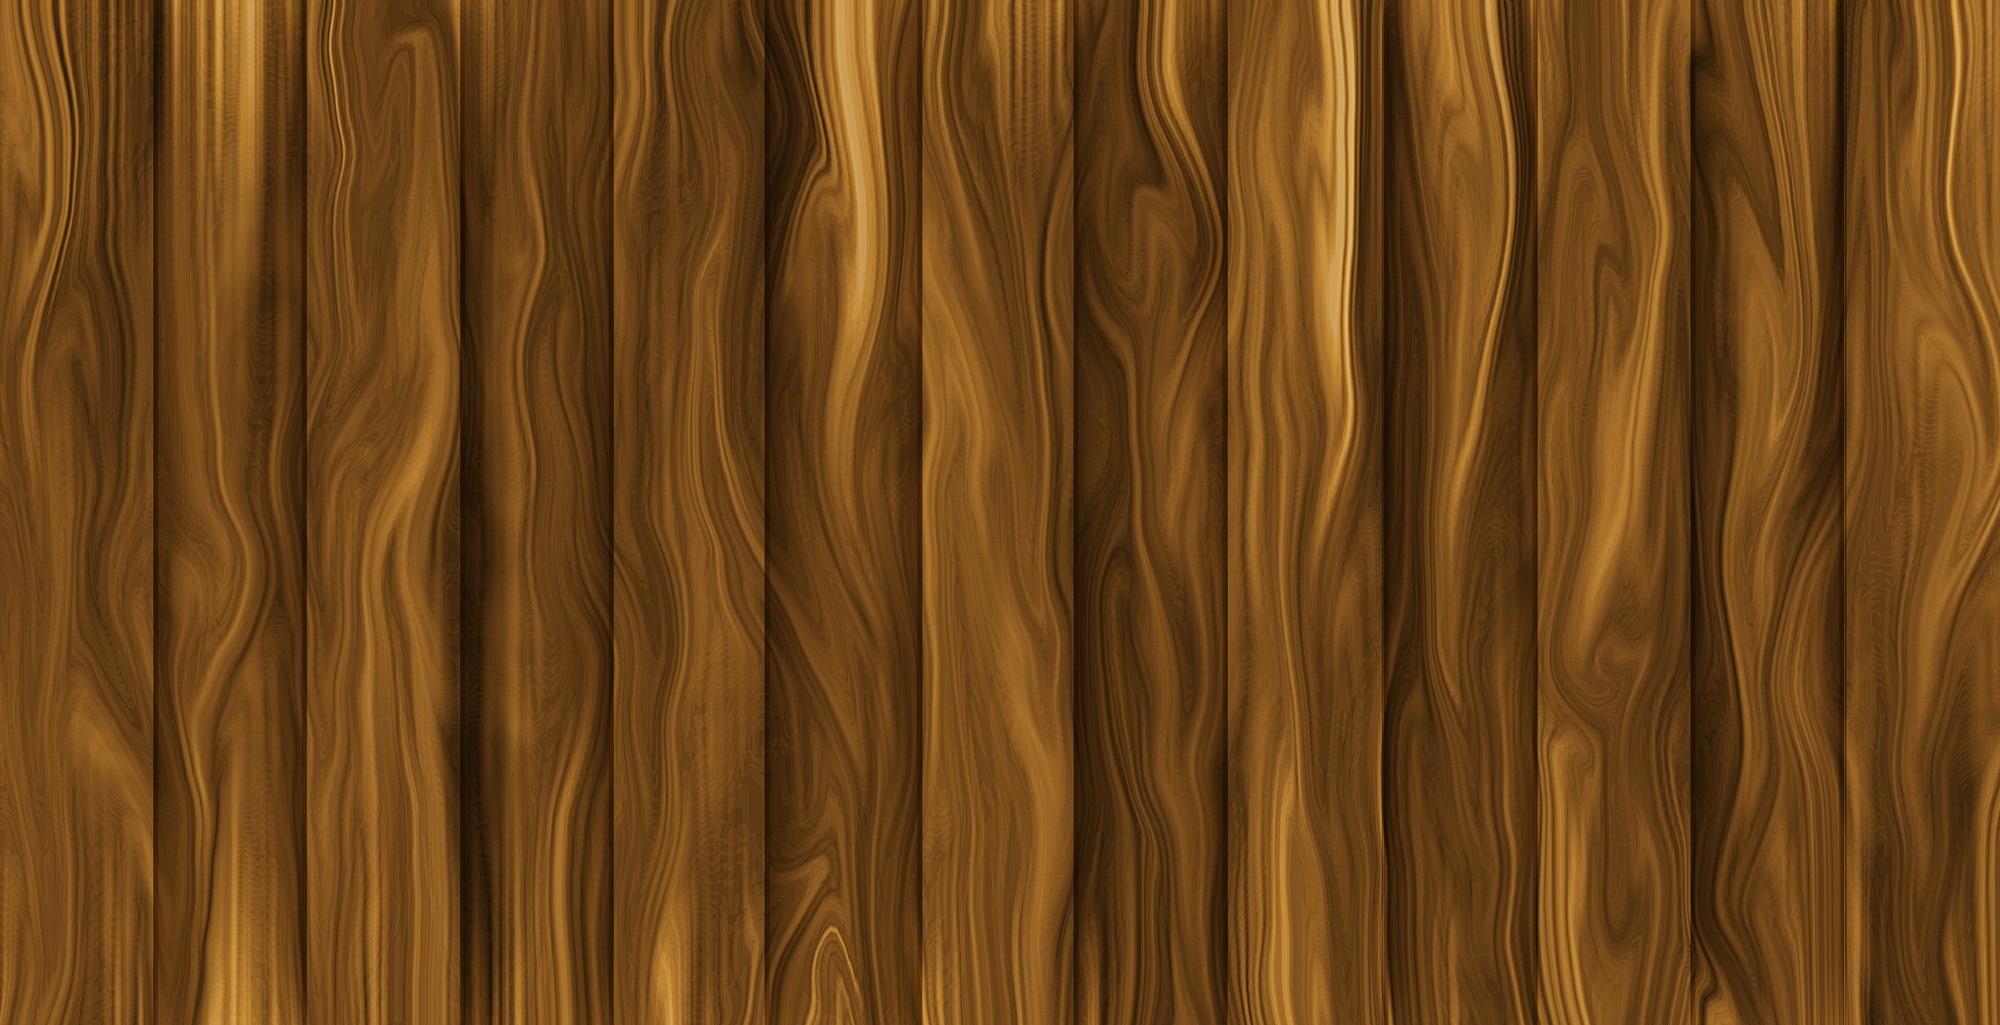 wood-1258428